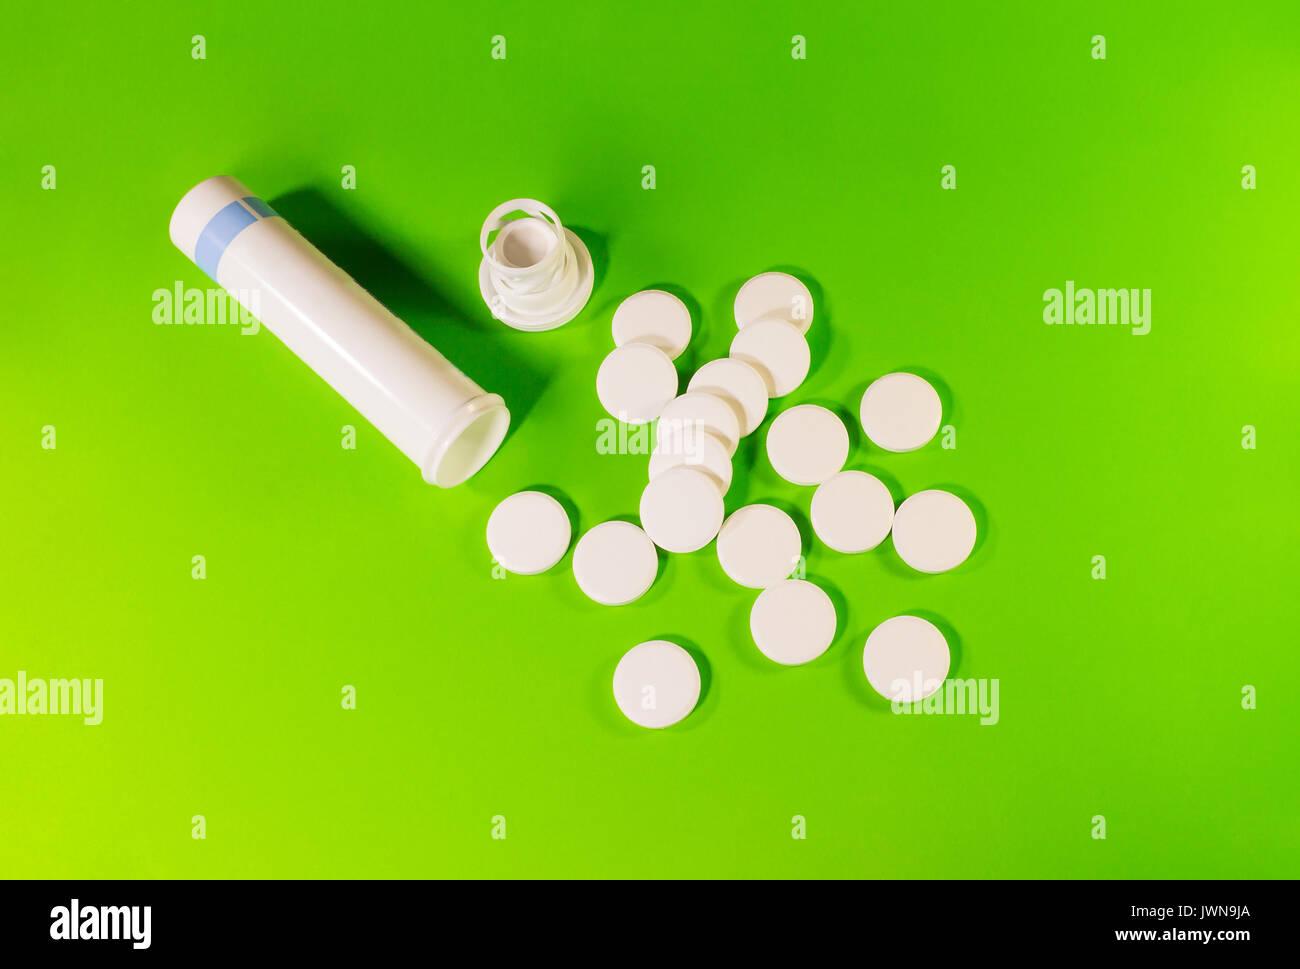 Pillole Di Bottiglia Sullo Sfondo Verde Foto Immagine Stock